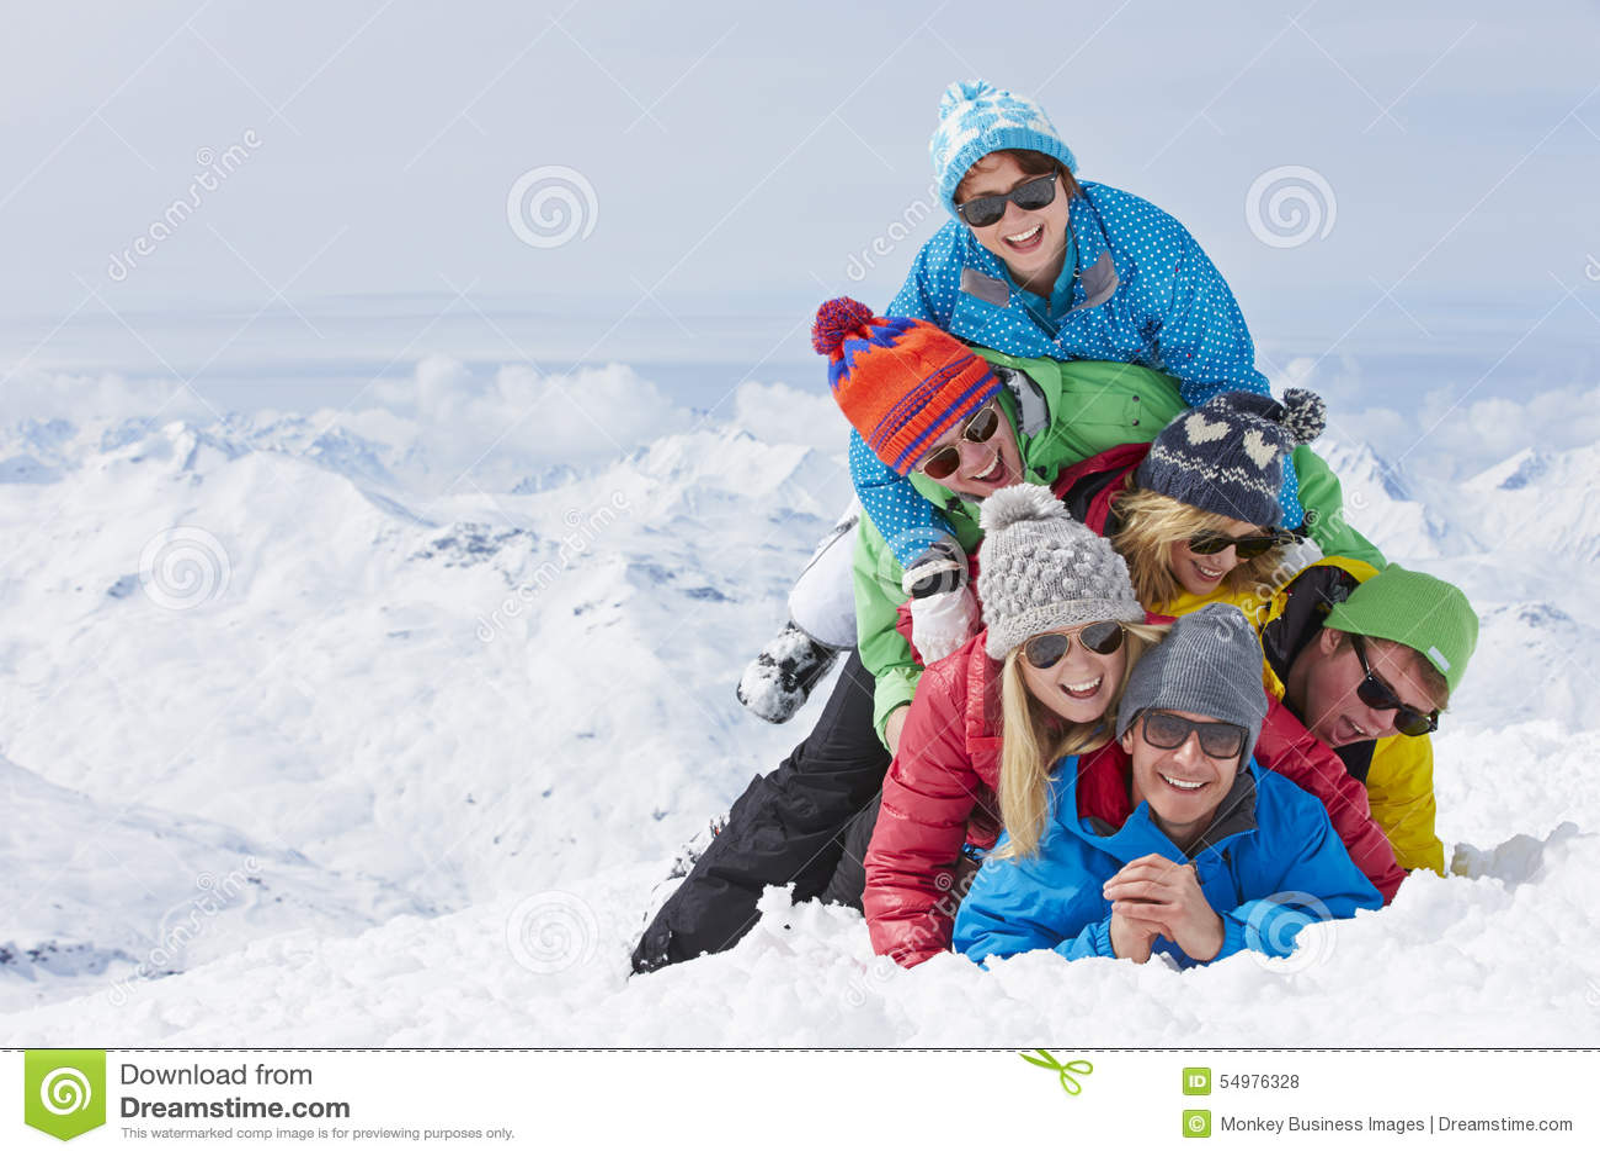 Gruppe Freunde, die Spaß auf Ski Holiday In Mountains haben